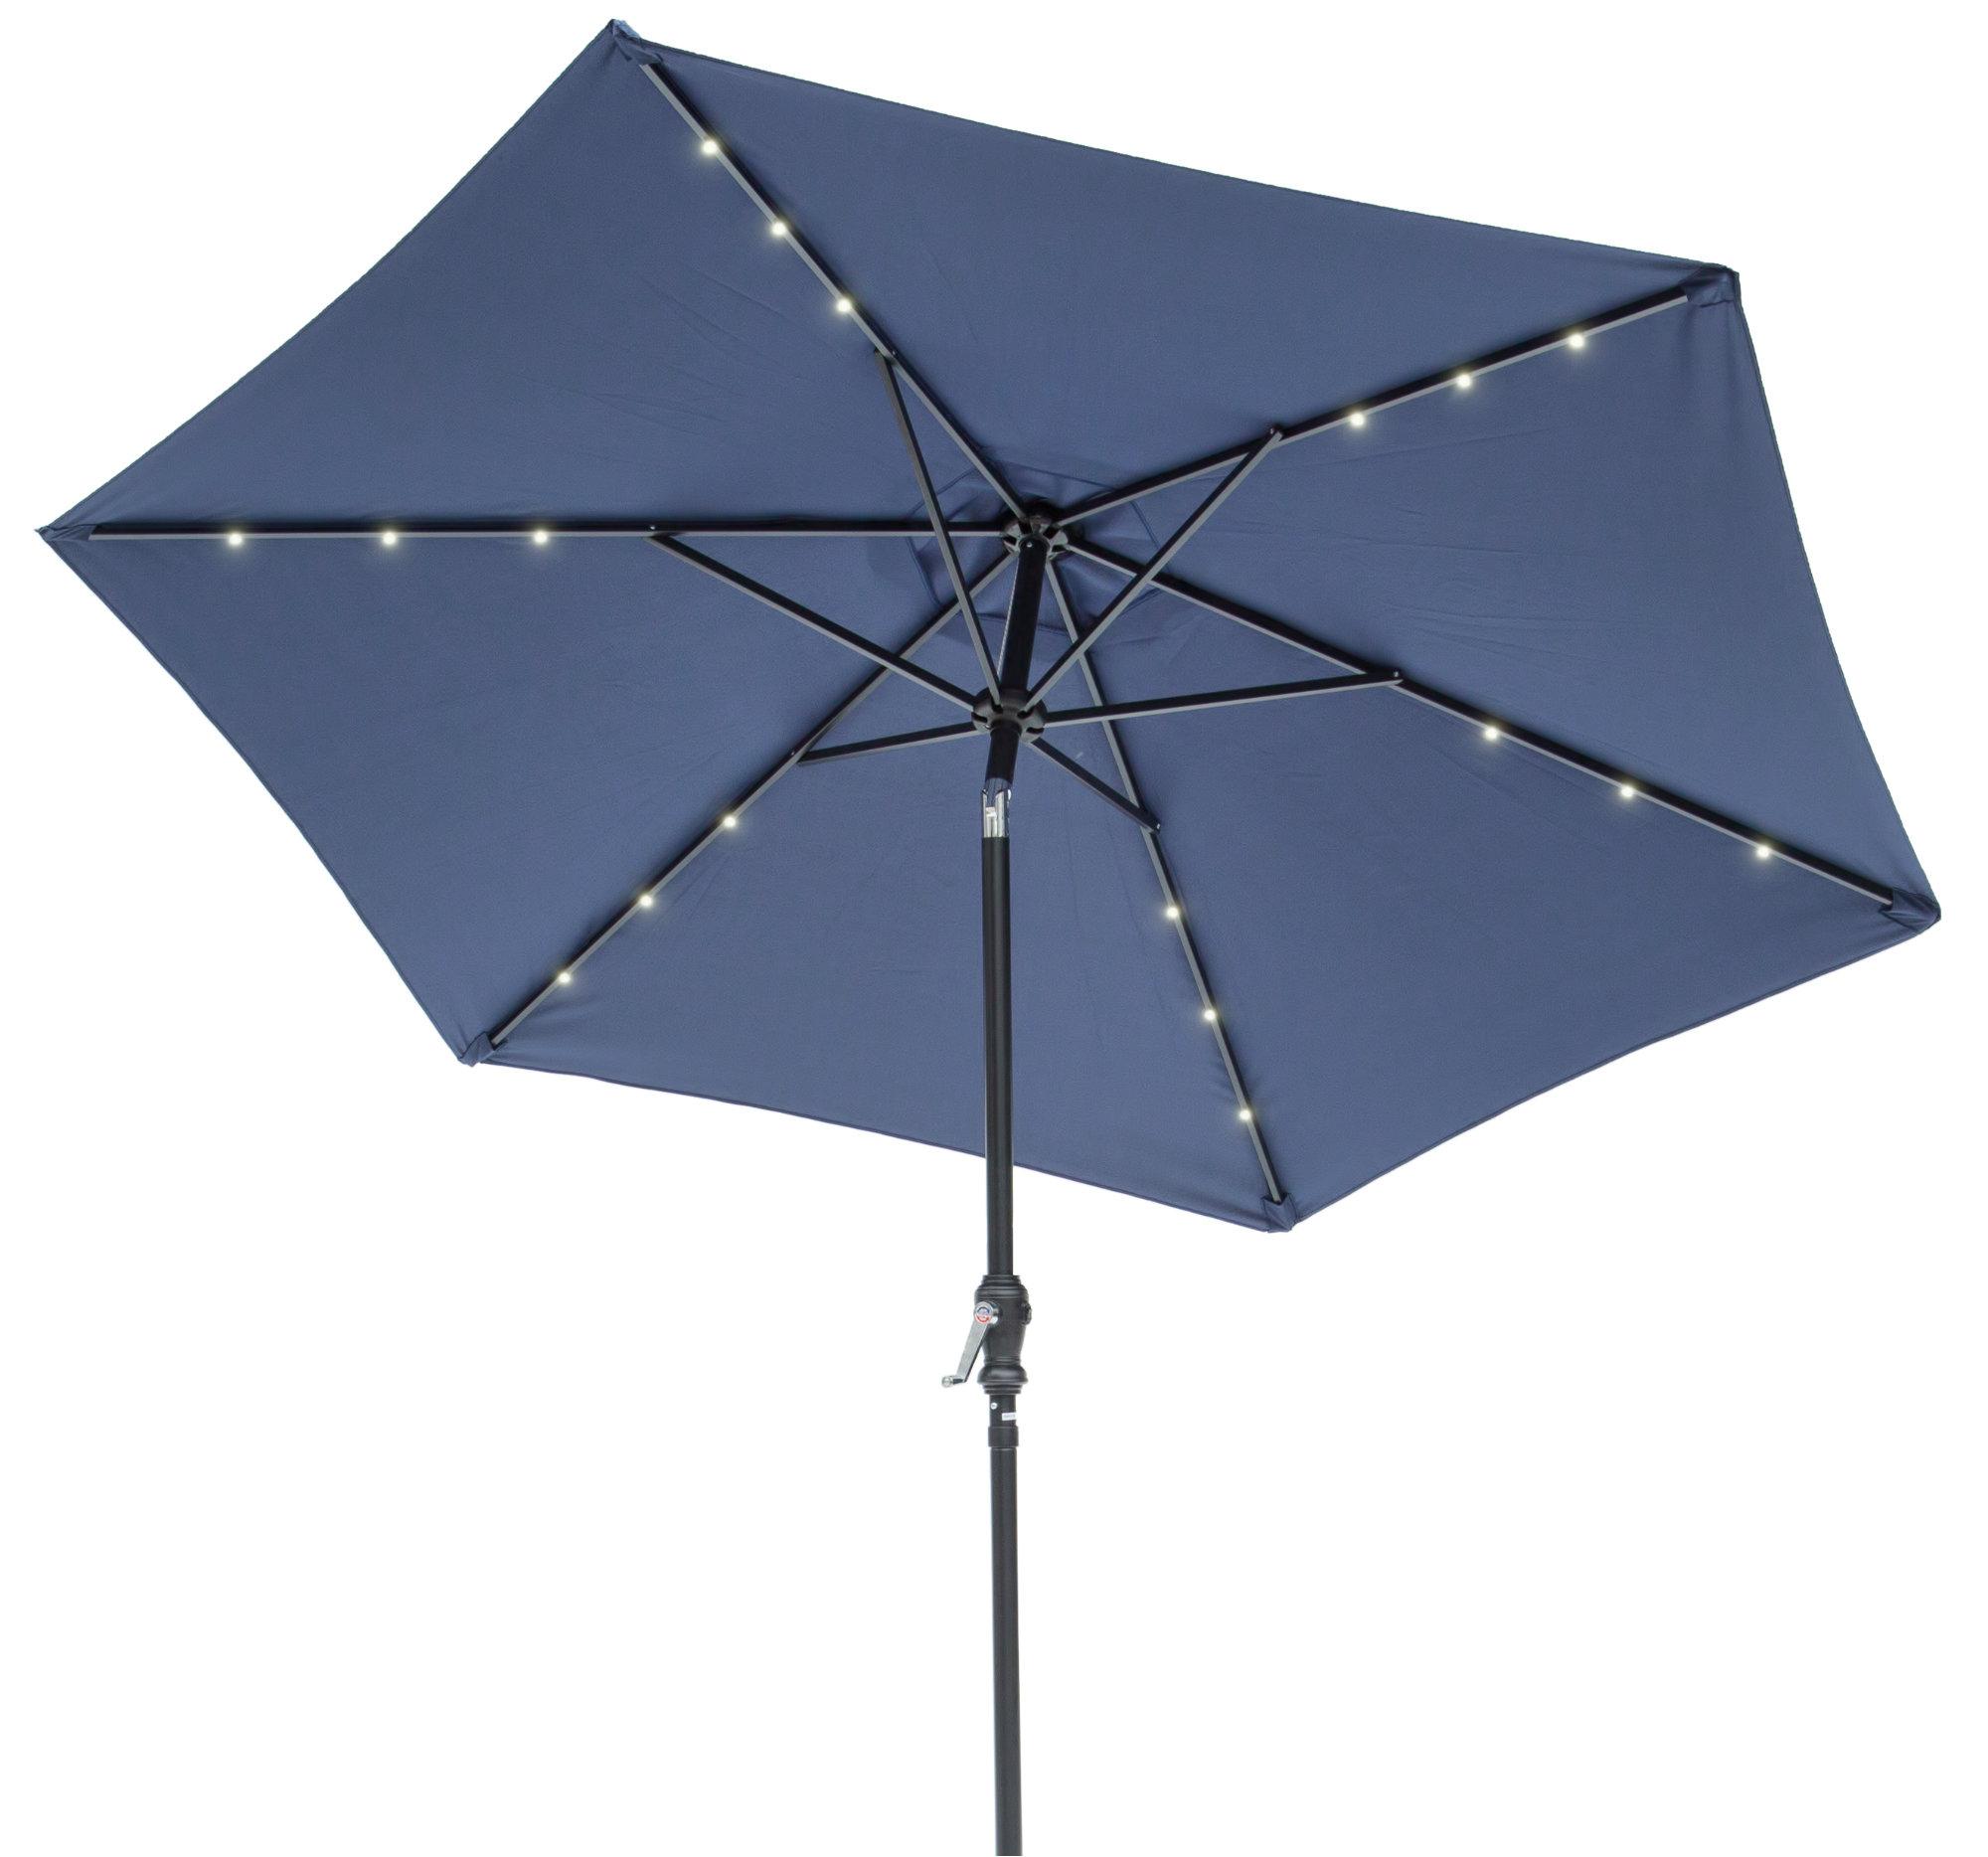 Herlinda Solar Lighted 9' Market Umbrella For Most Popular Woll Lighted Market Umbrellas (View 19 of 20)